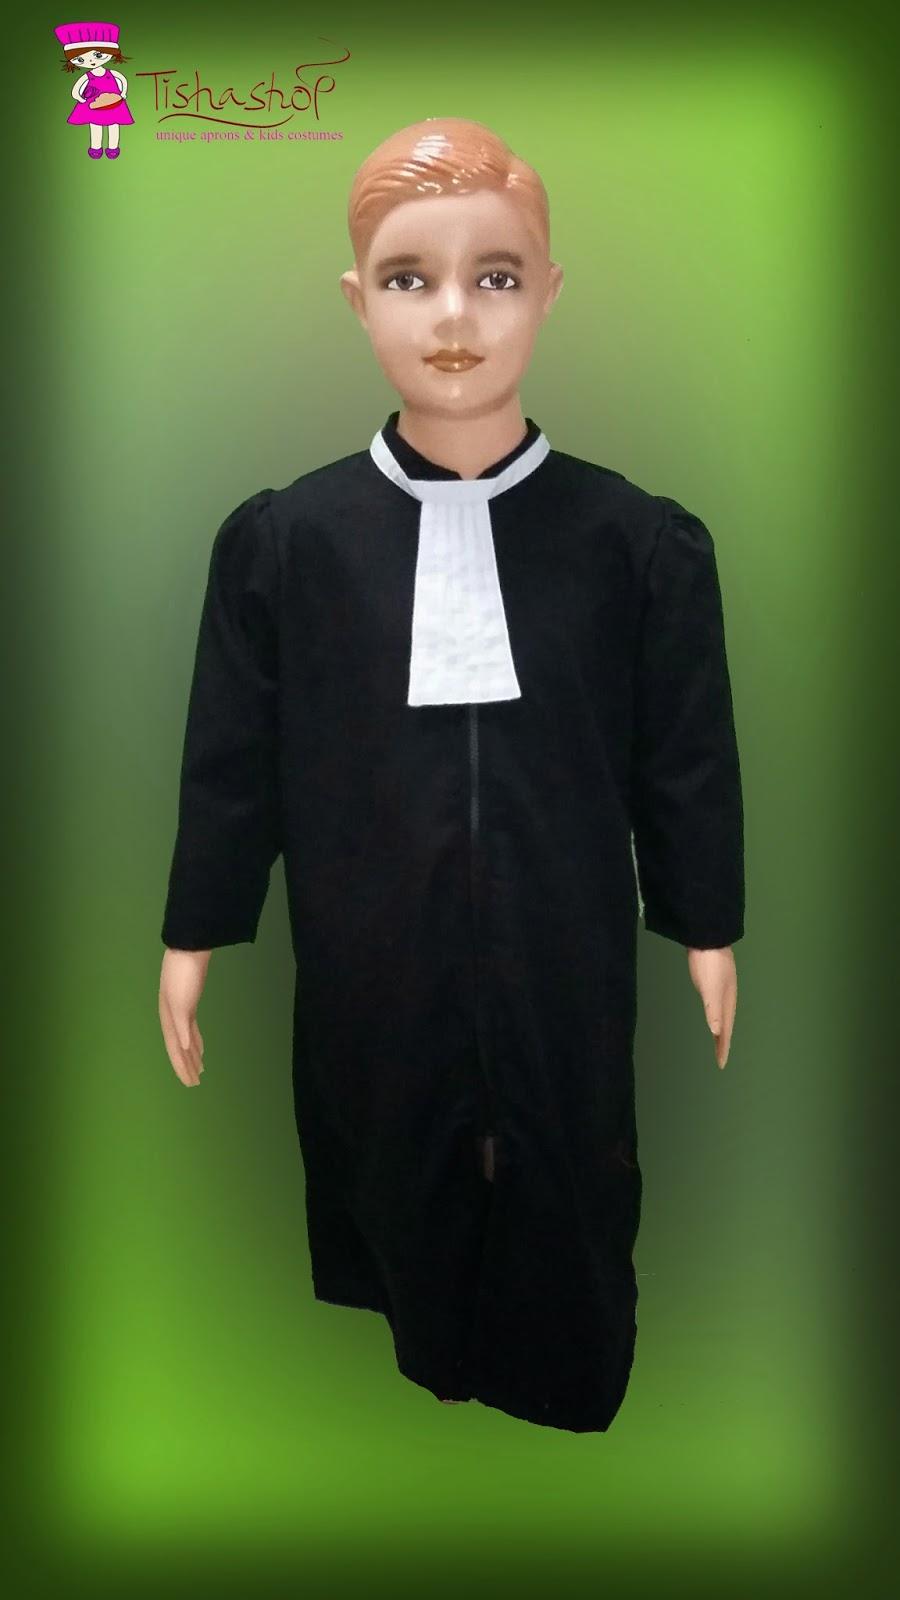 Baju pengacara harga 110rb Jubah dengan bahan oxford warna hitam, lengan panjang, retsleting di depan dan dasi putih (bef) Uk XS lingk bj 76cm, pj 77 Uk S lingk bj 80cm, pj 85 cm Uk M lingk bj 84cm, pj 90 Uk L lingk bj 88cm, pj 95